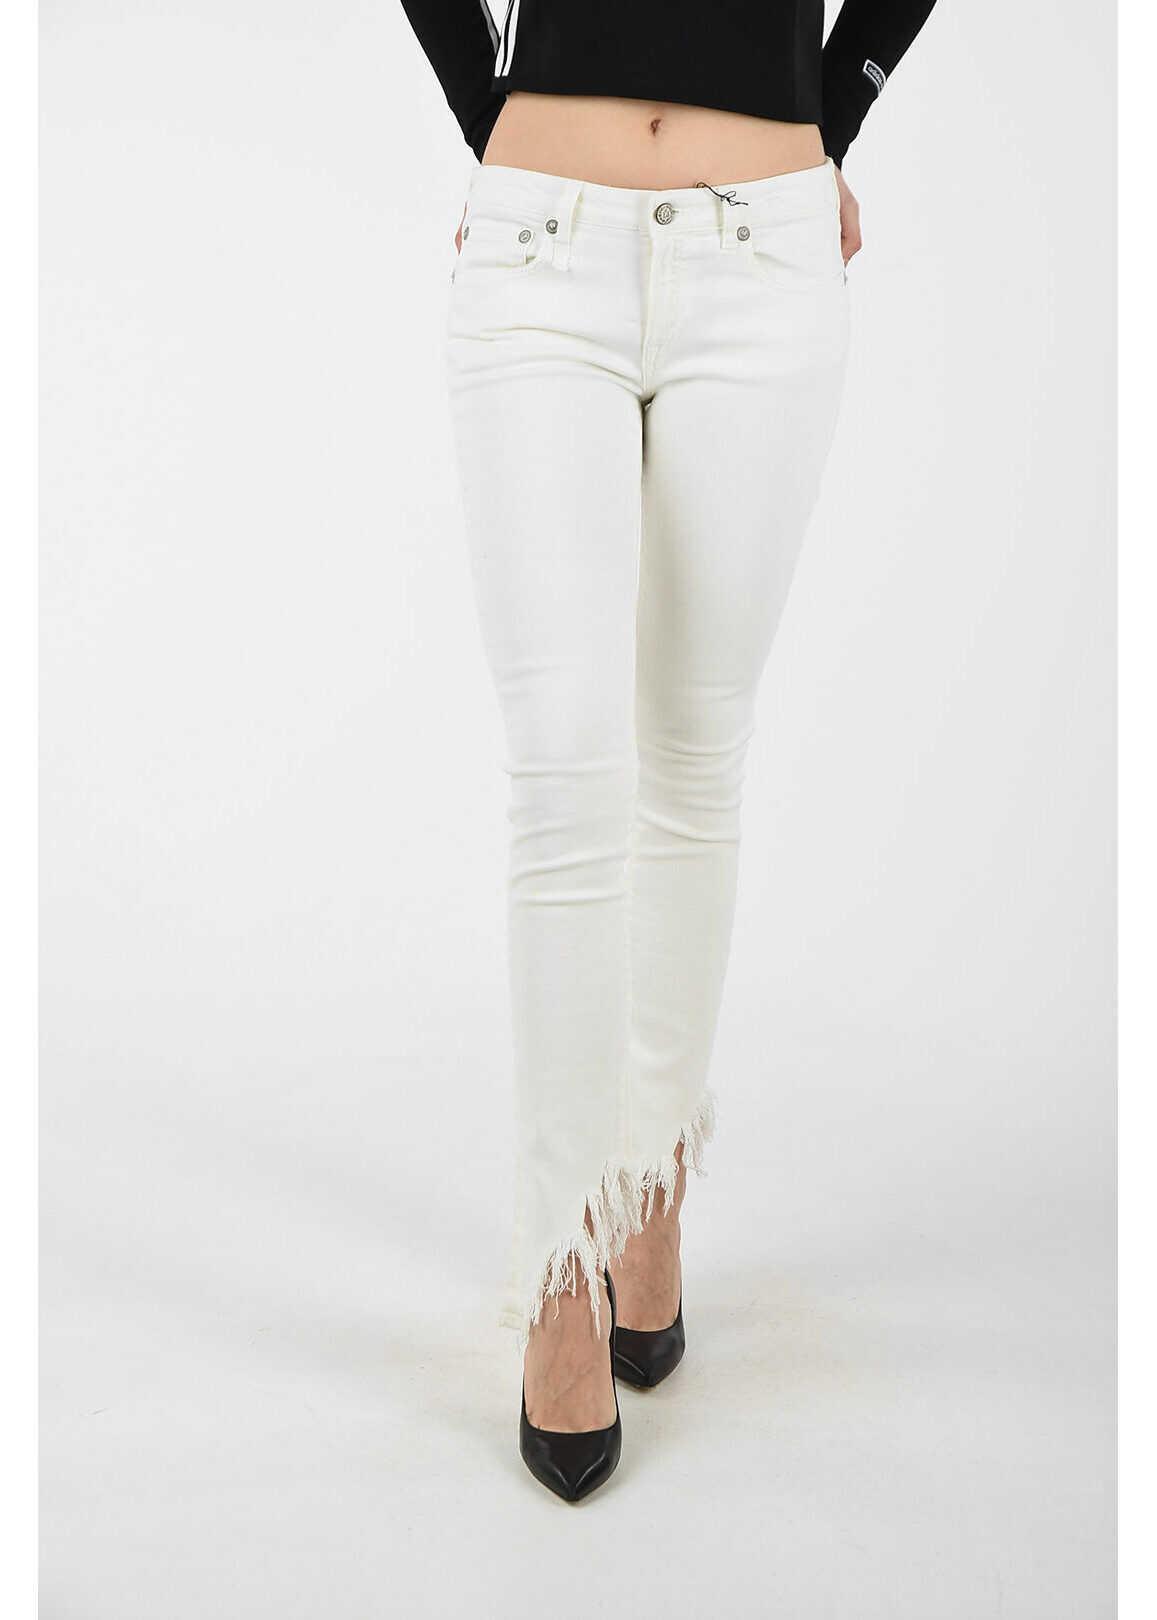 R13 fringed KATE jeans WHITE